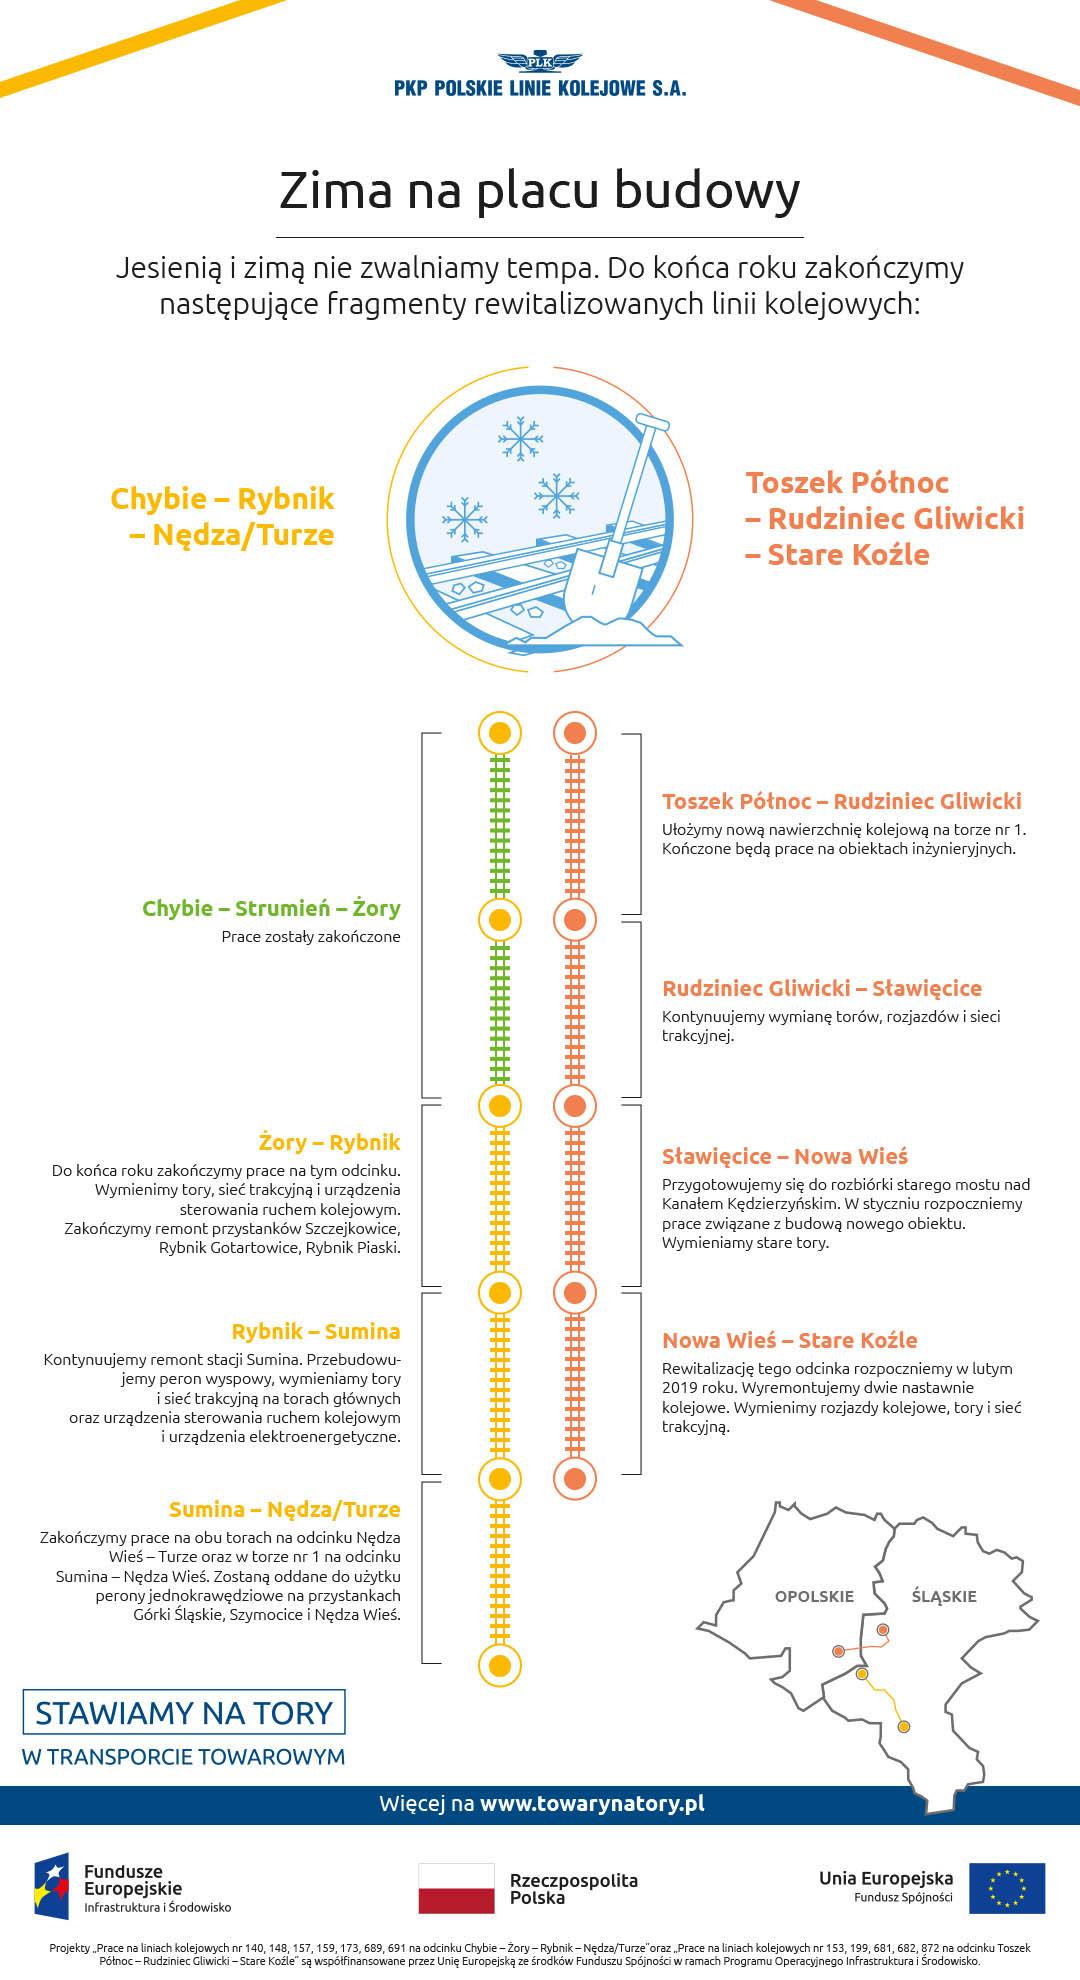 Infografika przedstawia postęp prac na rewitalizowanym odcinku. Chybie - Strumień - Żory - zakończony. Żory - Rybnik- Sumina - Nędza Wieś - w trakcie prac. Prace na odcinku Toszek Północ - Rudziniec Gliwicki - Sławęcice - Nowa Wieś - Stare Koźle - jeszcze nie rozpoczęte.